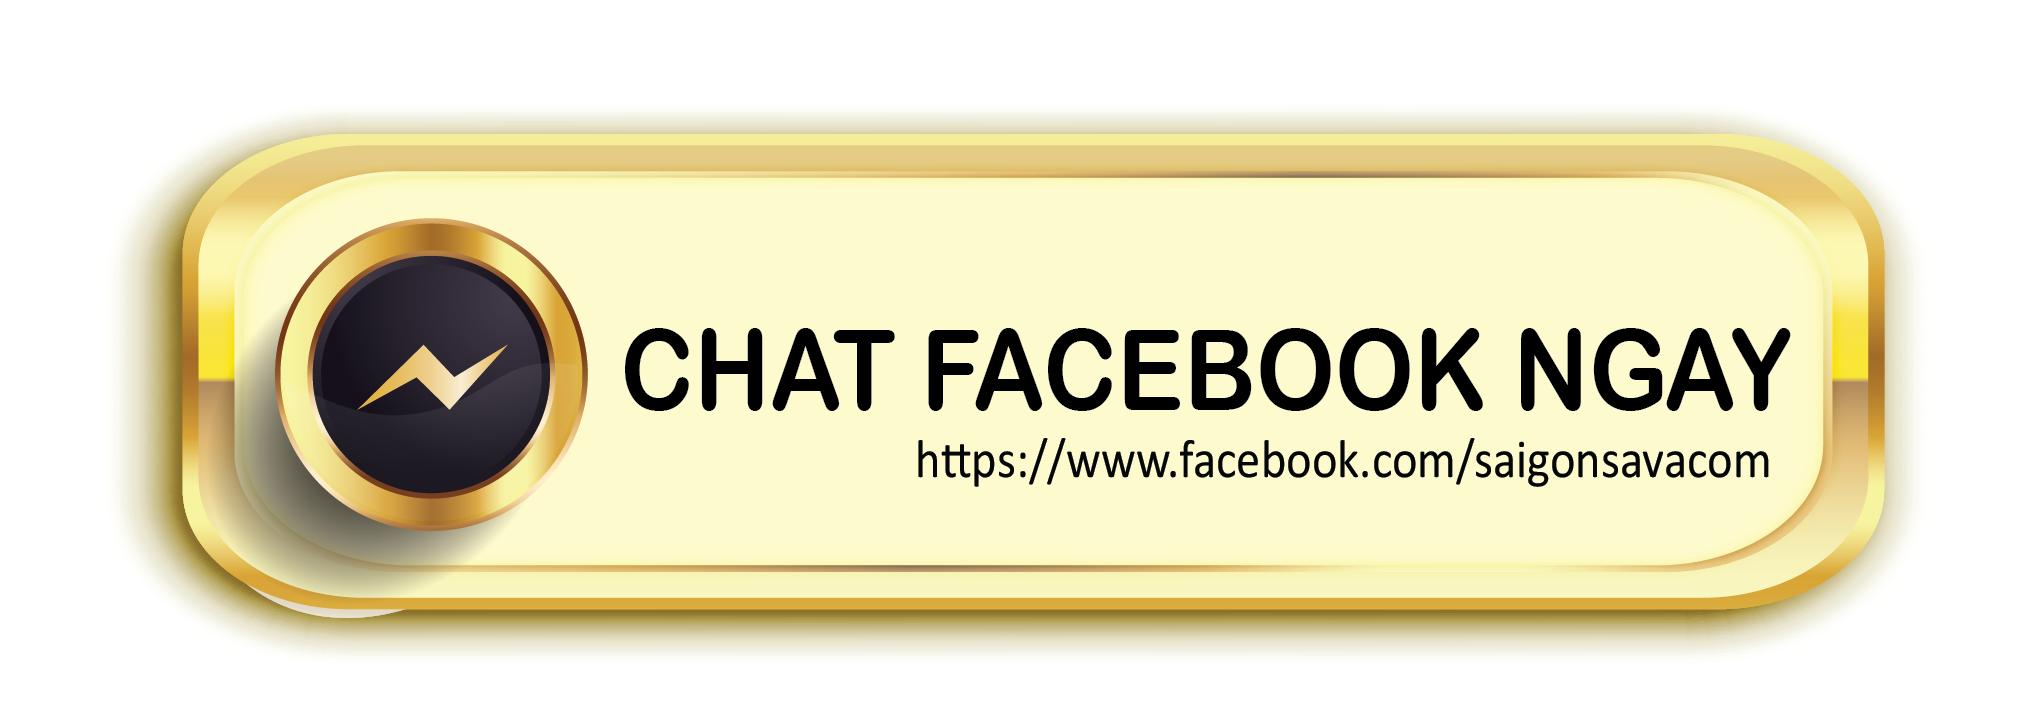 Chat facebook ngay để được tư vấn về sản phẩm tinh dầu thông đỏ